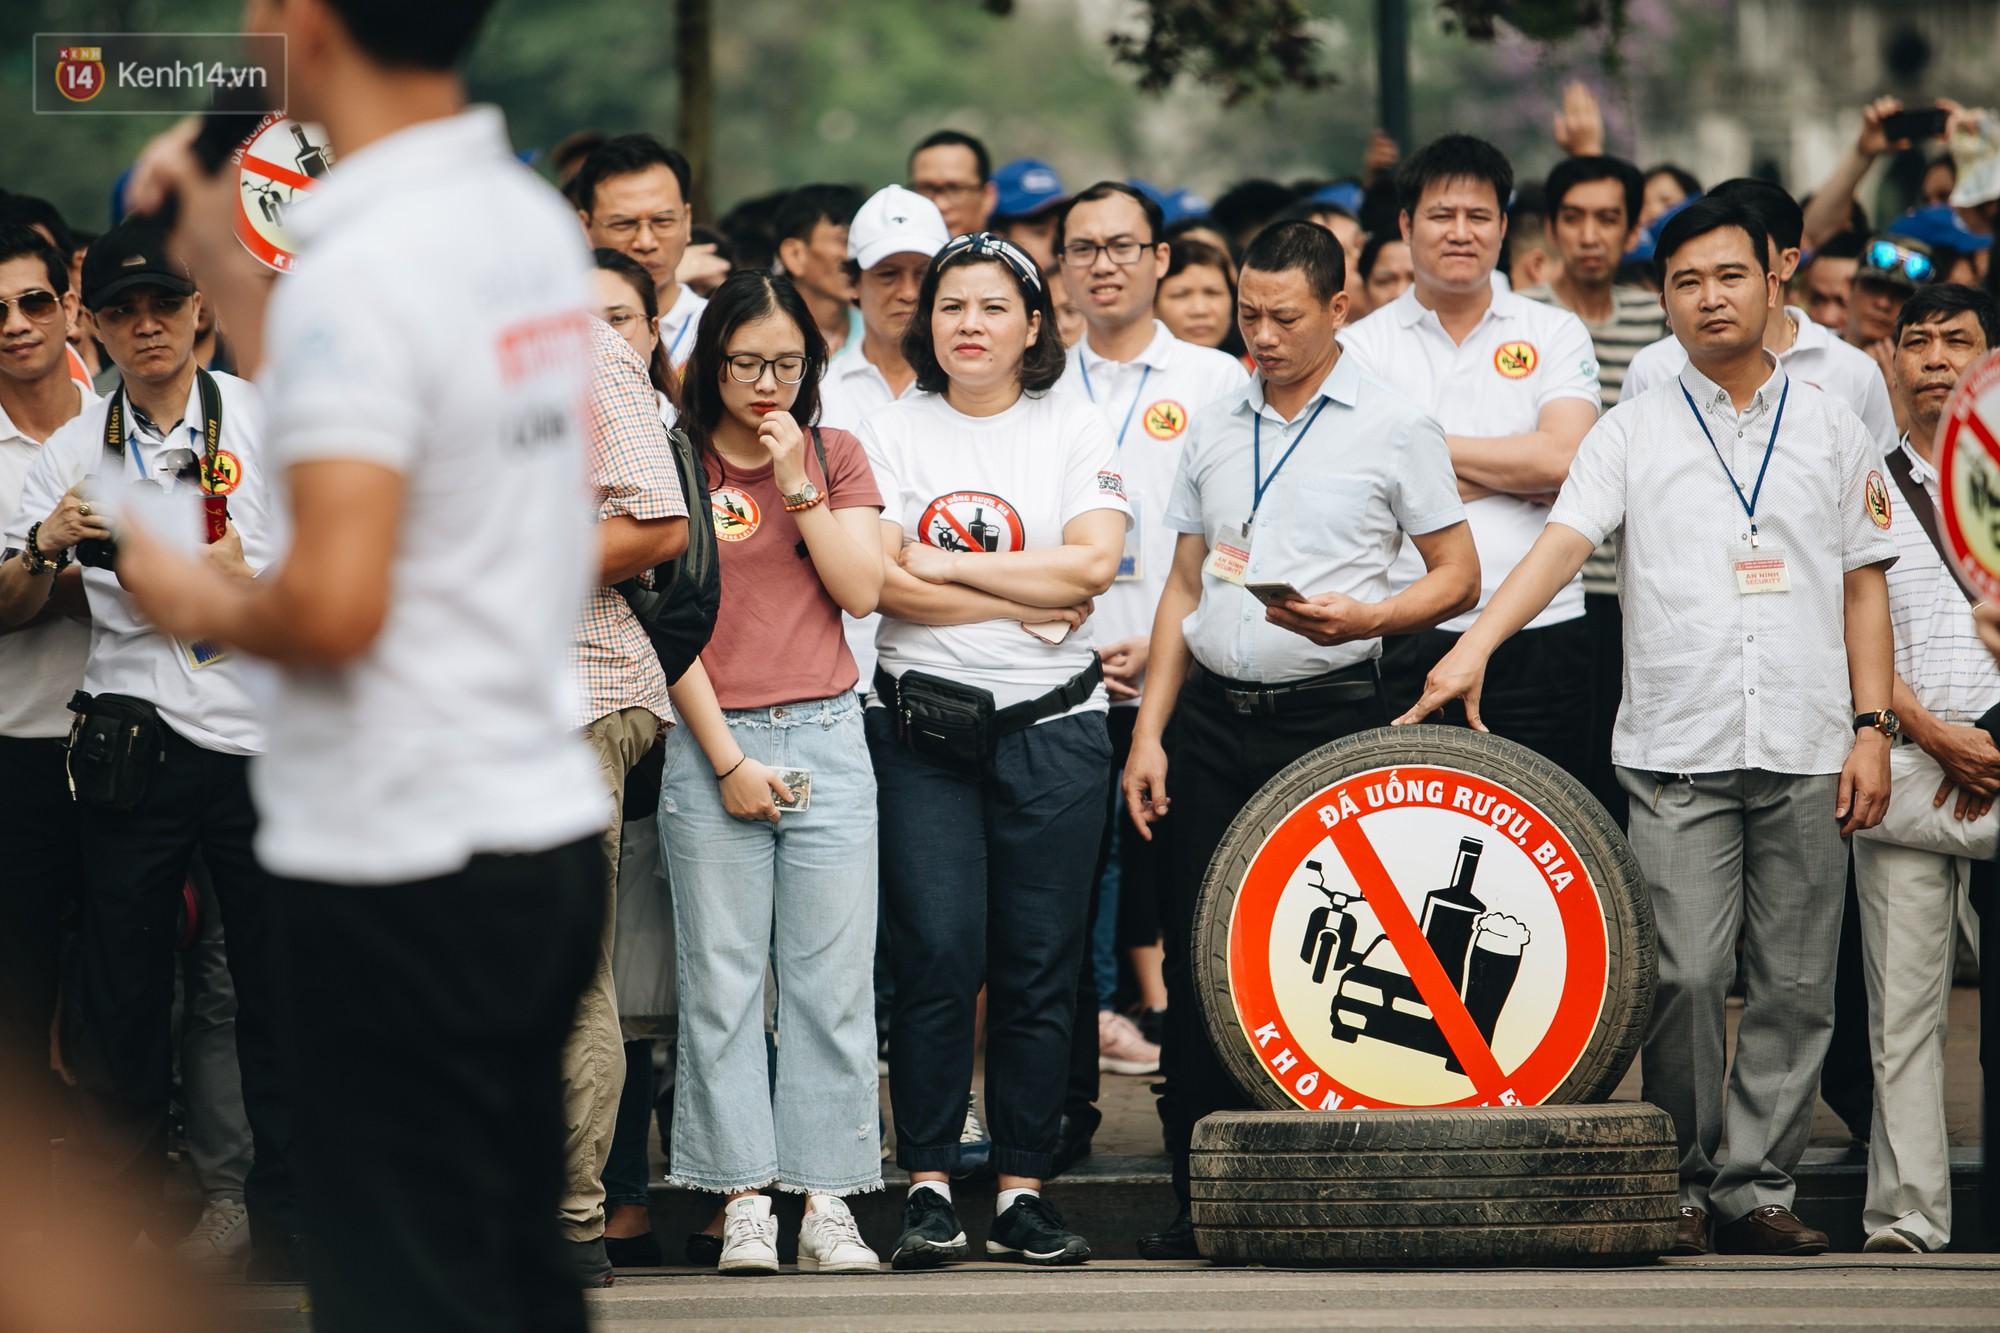 Chùm ảnh: 8.000 người mang logo Đã uống rượu bia - Không lái xe cùng tuần hành trên phố đi bộ Hồ Gươm - Ảnh 7.